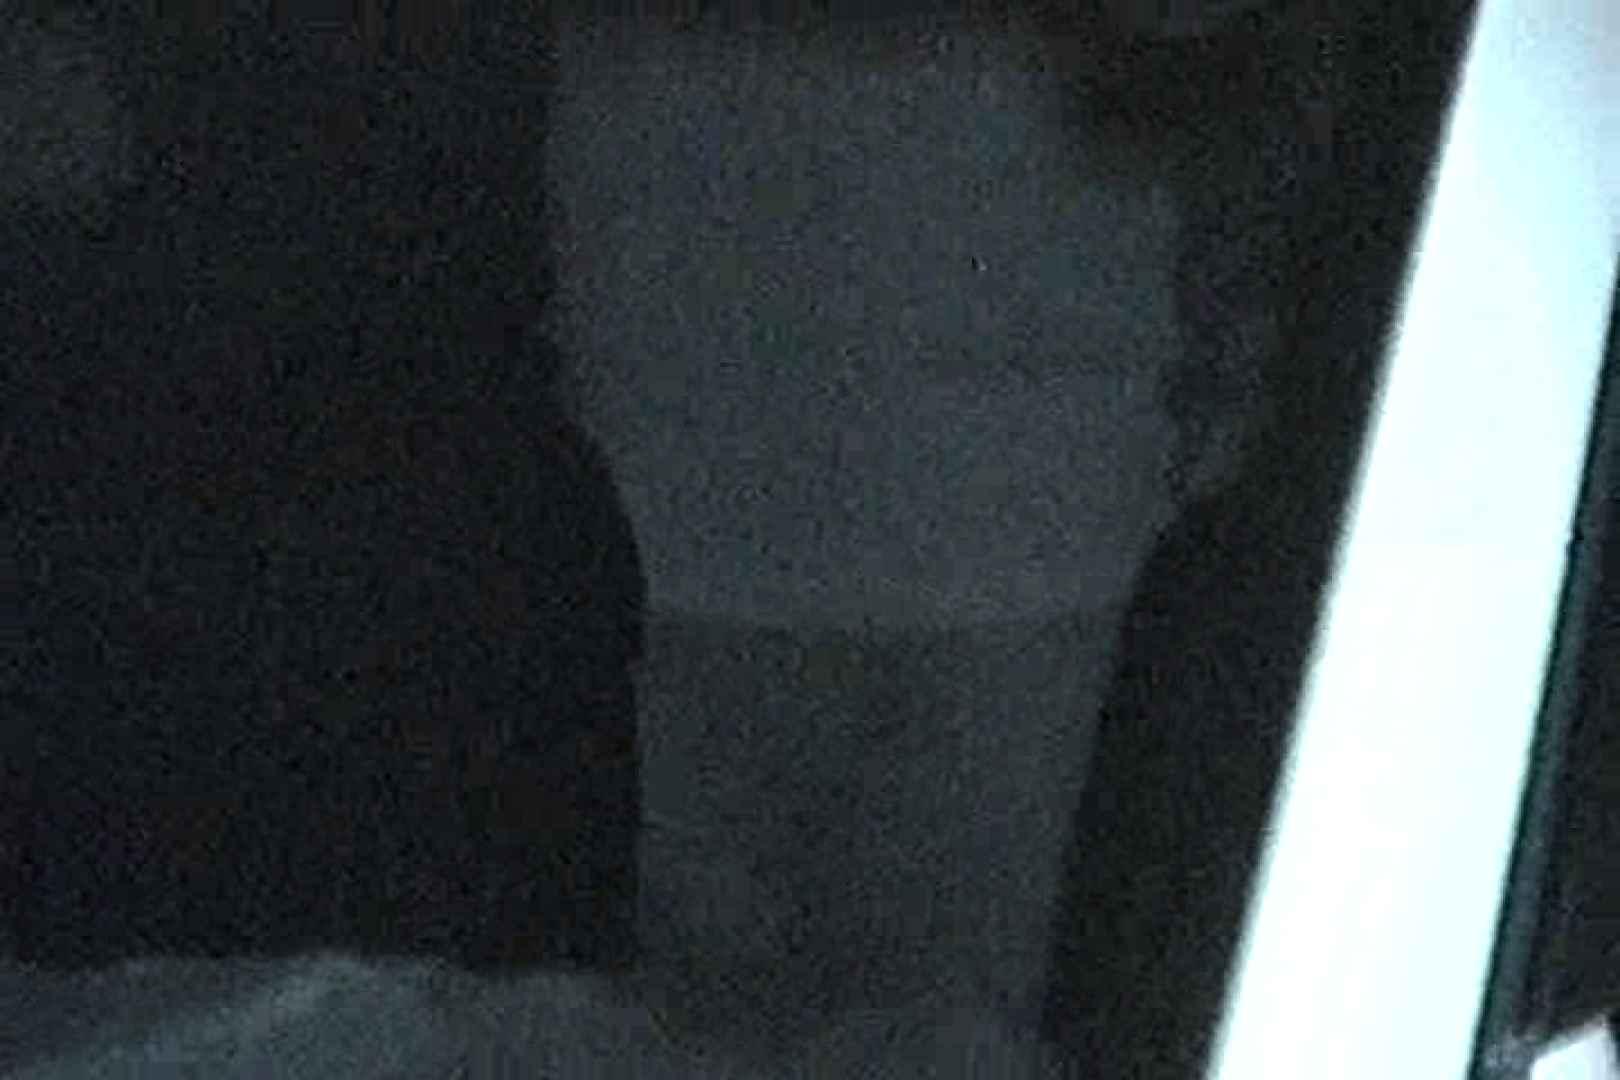 充血監督の深夜の運動会Vol.2 OLの実態 隠し撮りすけべAV動画紹介 61pic 18